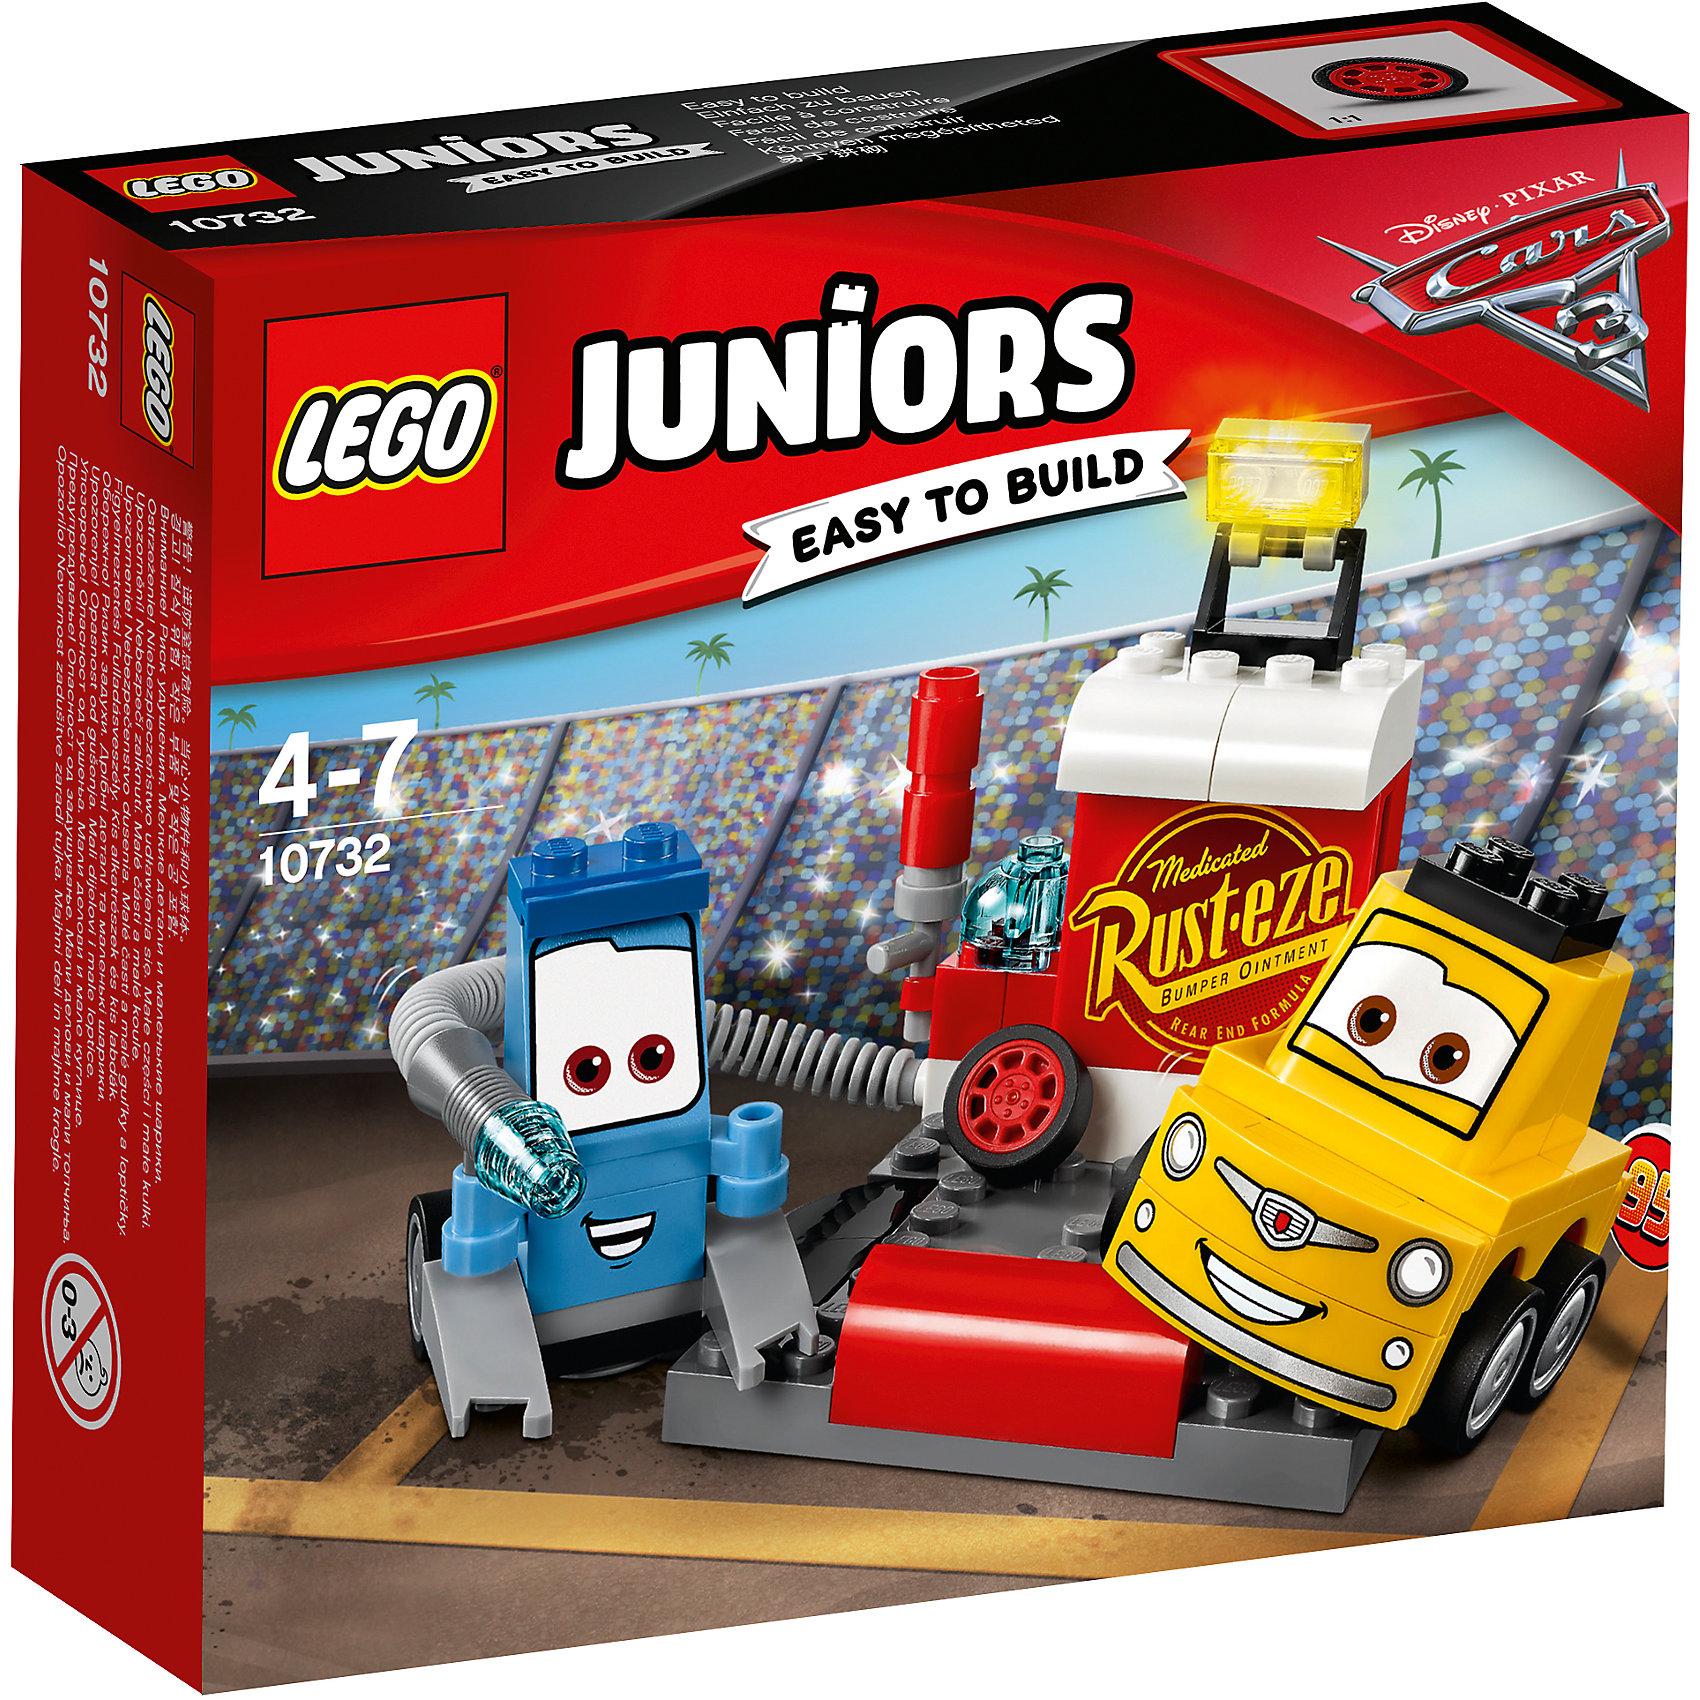 LEGO Juniors 10732: Пит-стоп Гвидо и ЛуиджиПластмассовые конструкторы<br><br><br>Ширина мм: 157<br>Глубина мм: 141<br>Высота мм: 45<br>Вес г: 128<br>Возраст от месяцев: 48<br>Возраст до месяцев: 84<br>Пол: Мужской<br>Возраст: Детский<br>SKU: 5620062